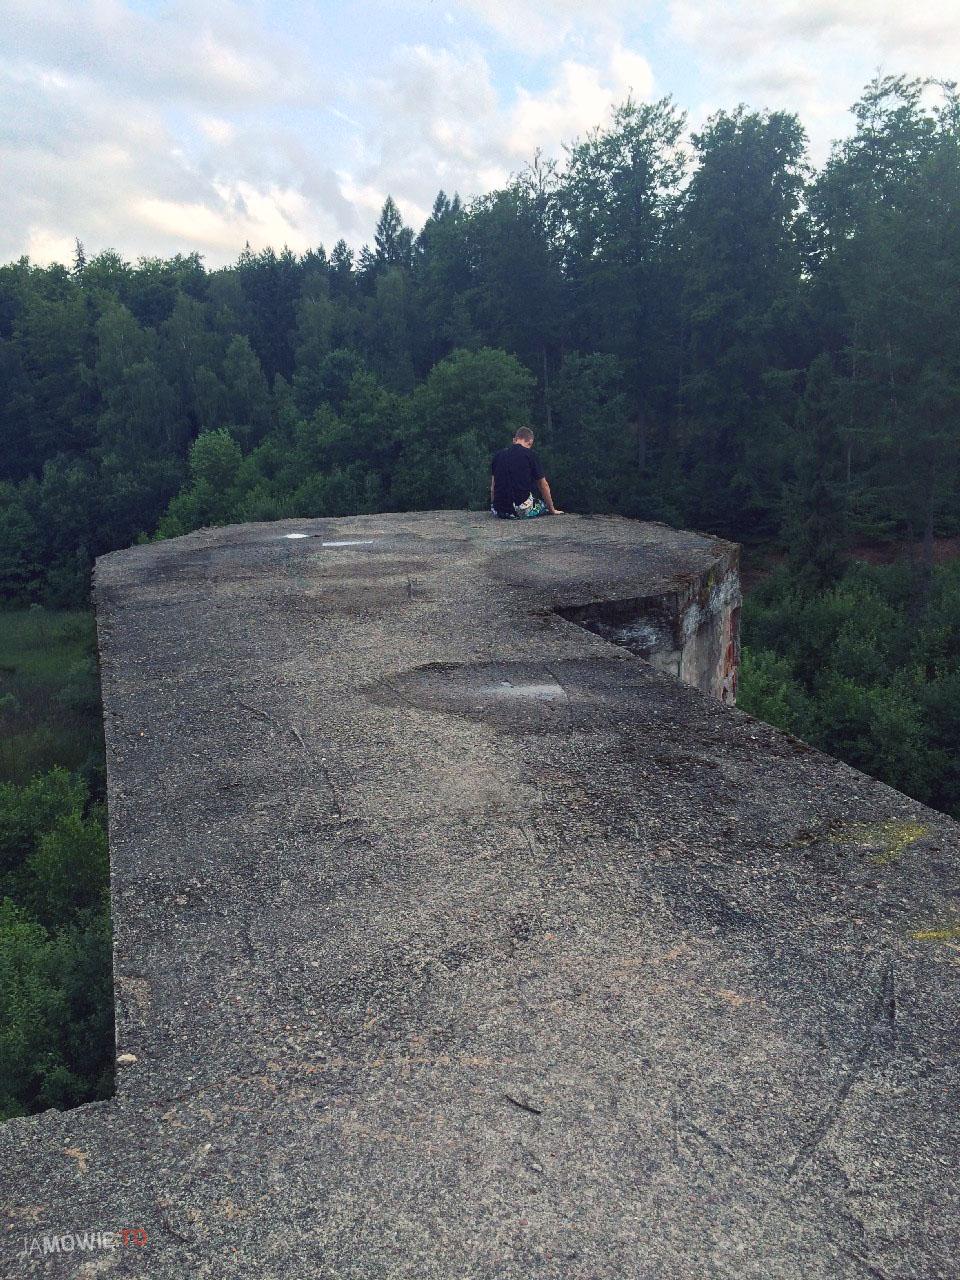 Zamek w Łapalicach - Ja mówię TO - http://jamowie.to